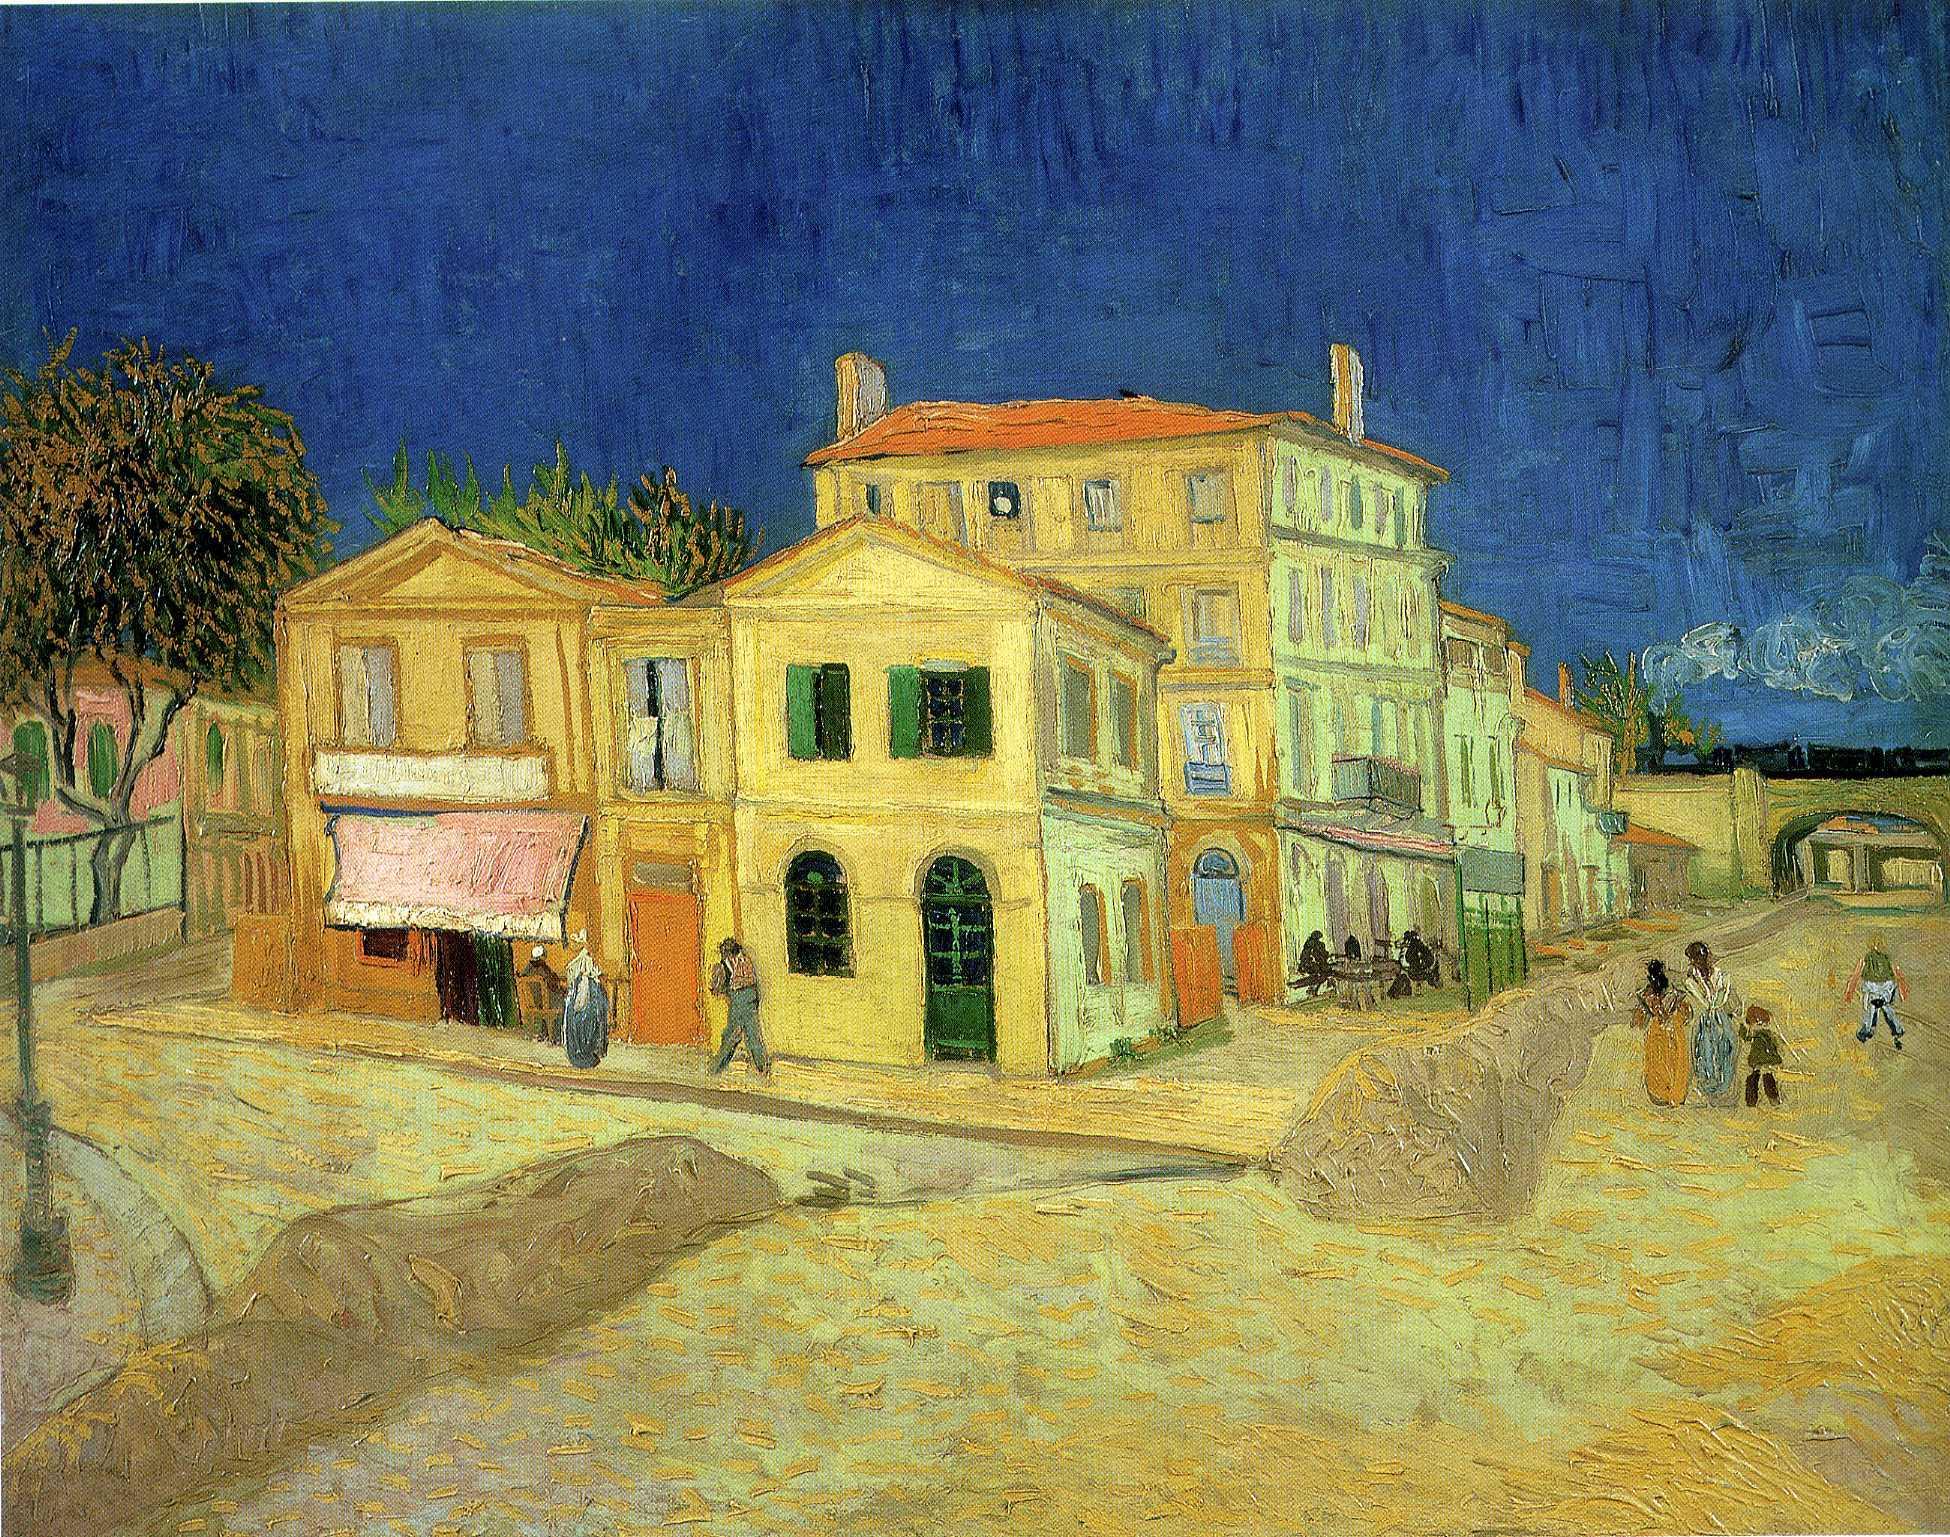 Улица, жёлтый дом, городской пейзаж :: Ван Гог, описание картины - Van Gogh фото